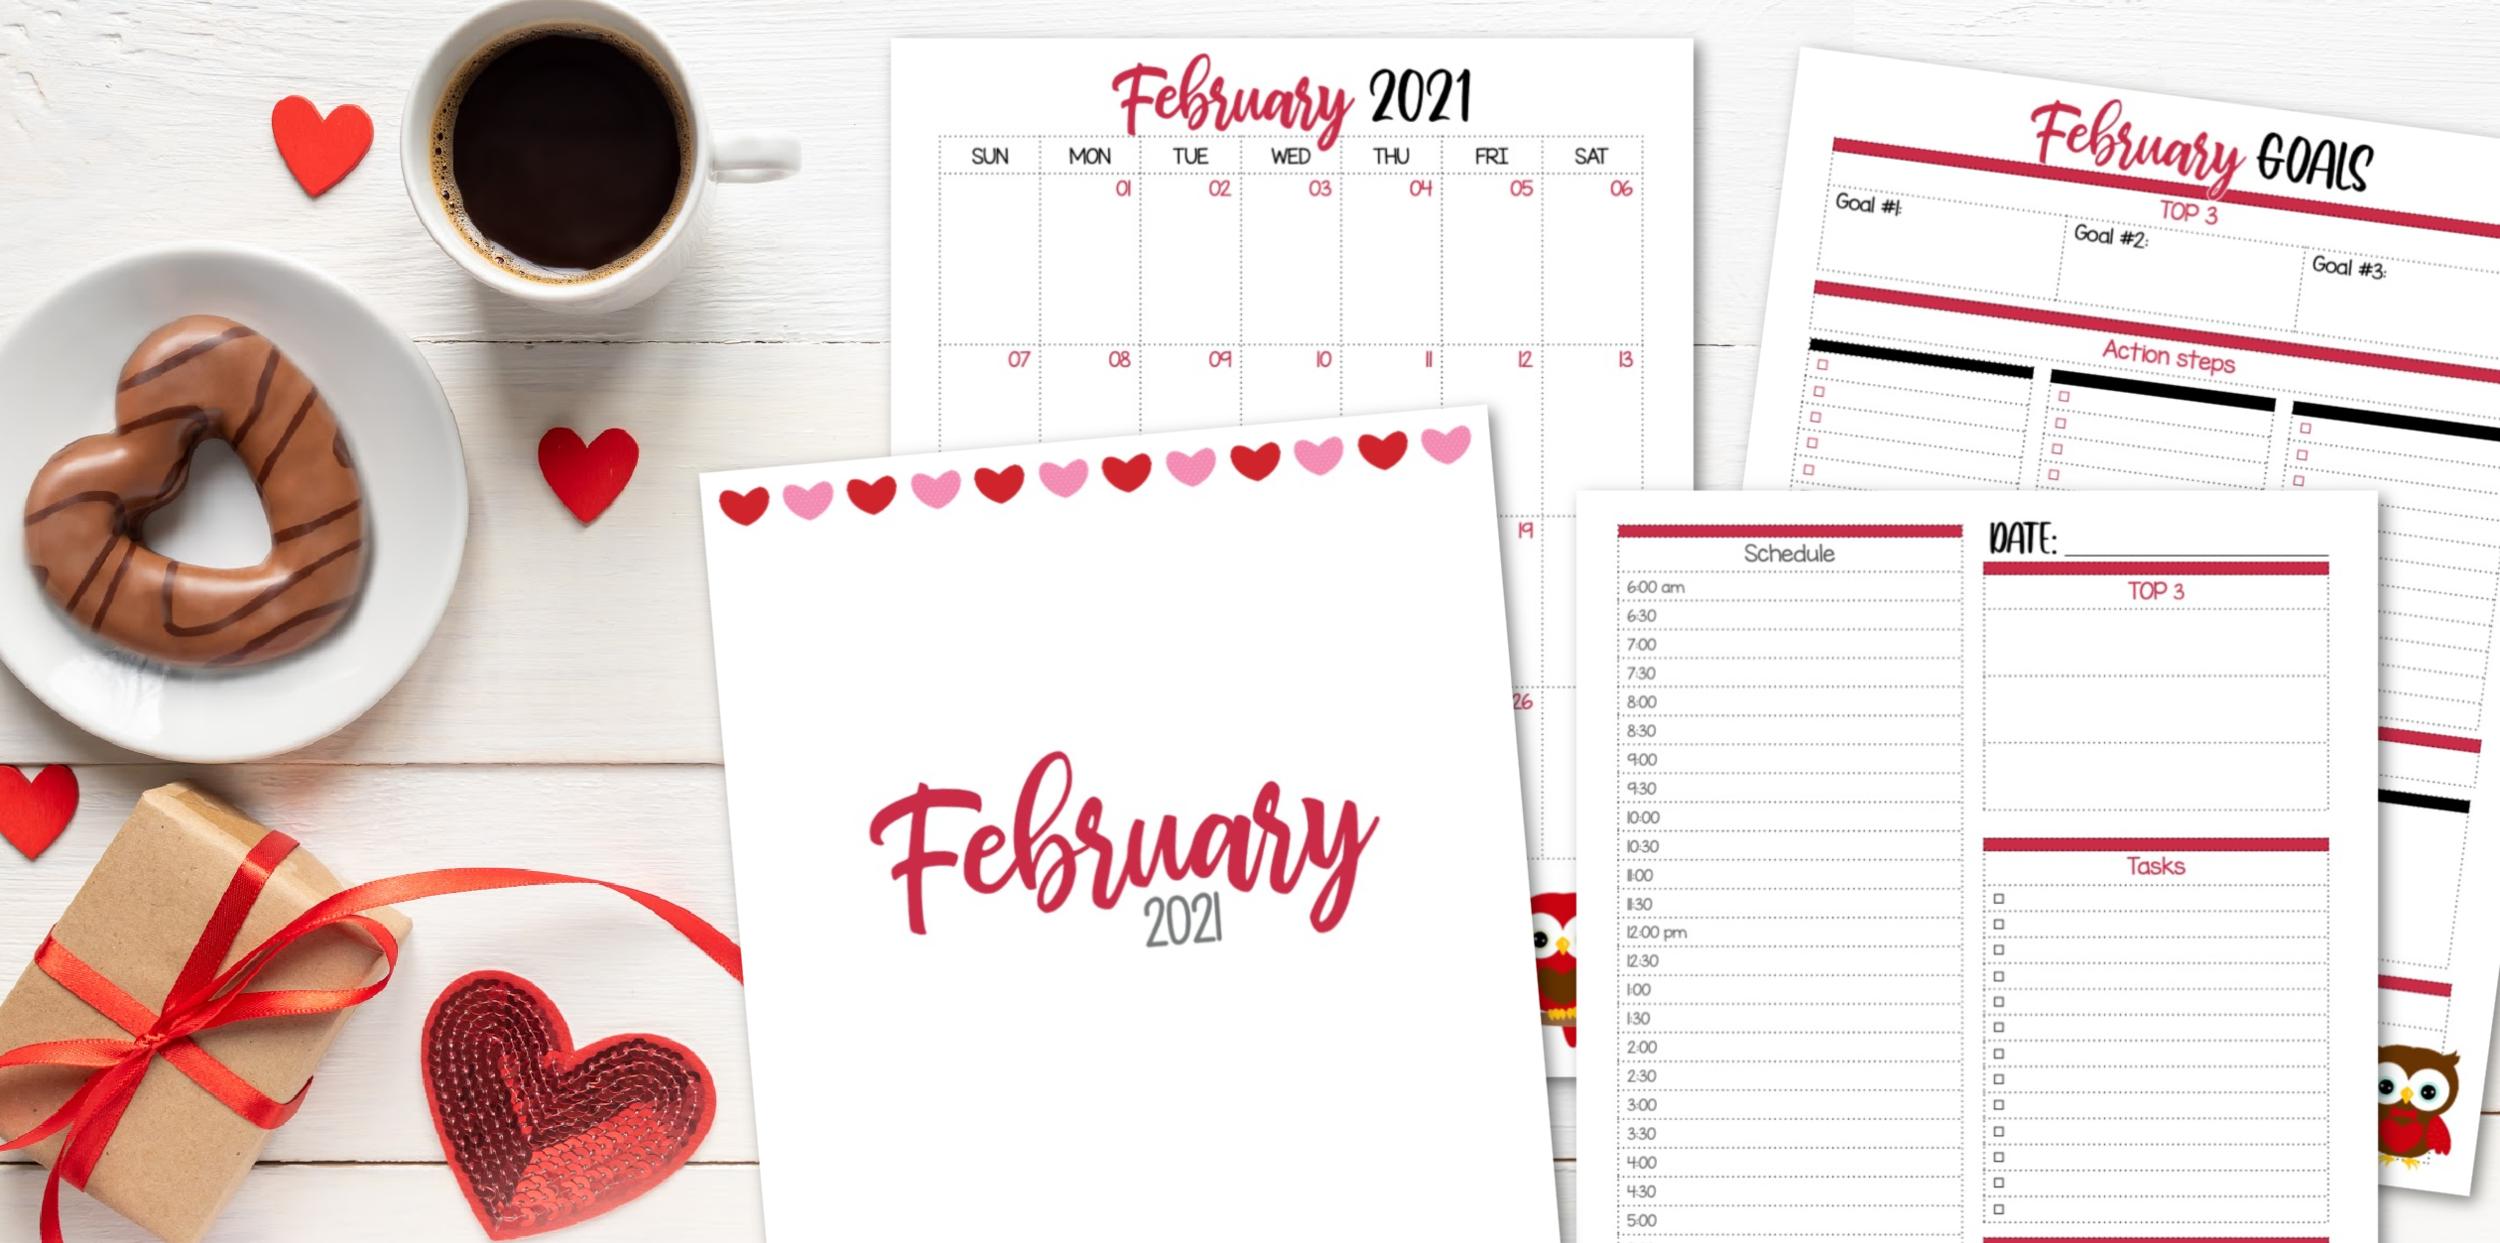 February 2021 Krafty Planner Society